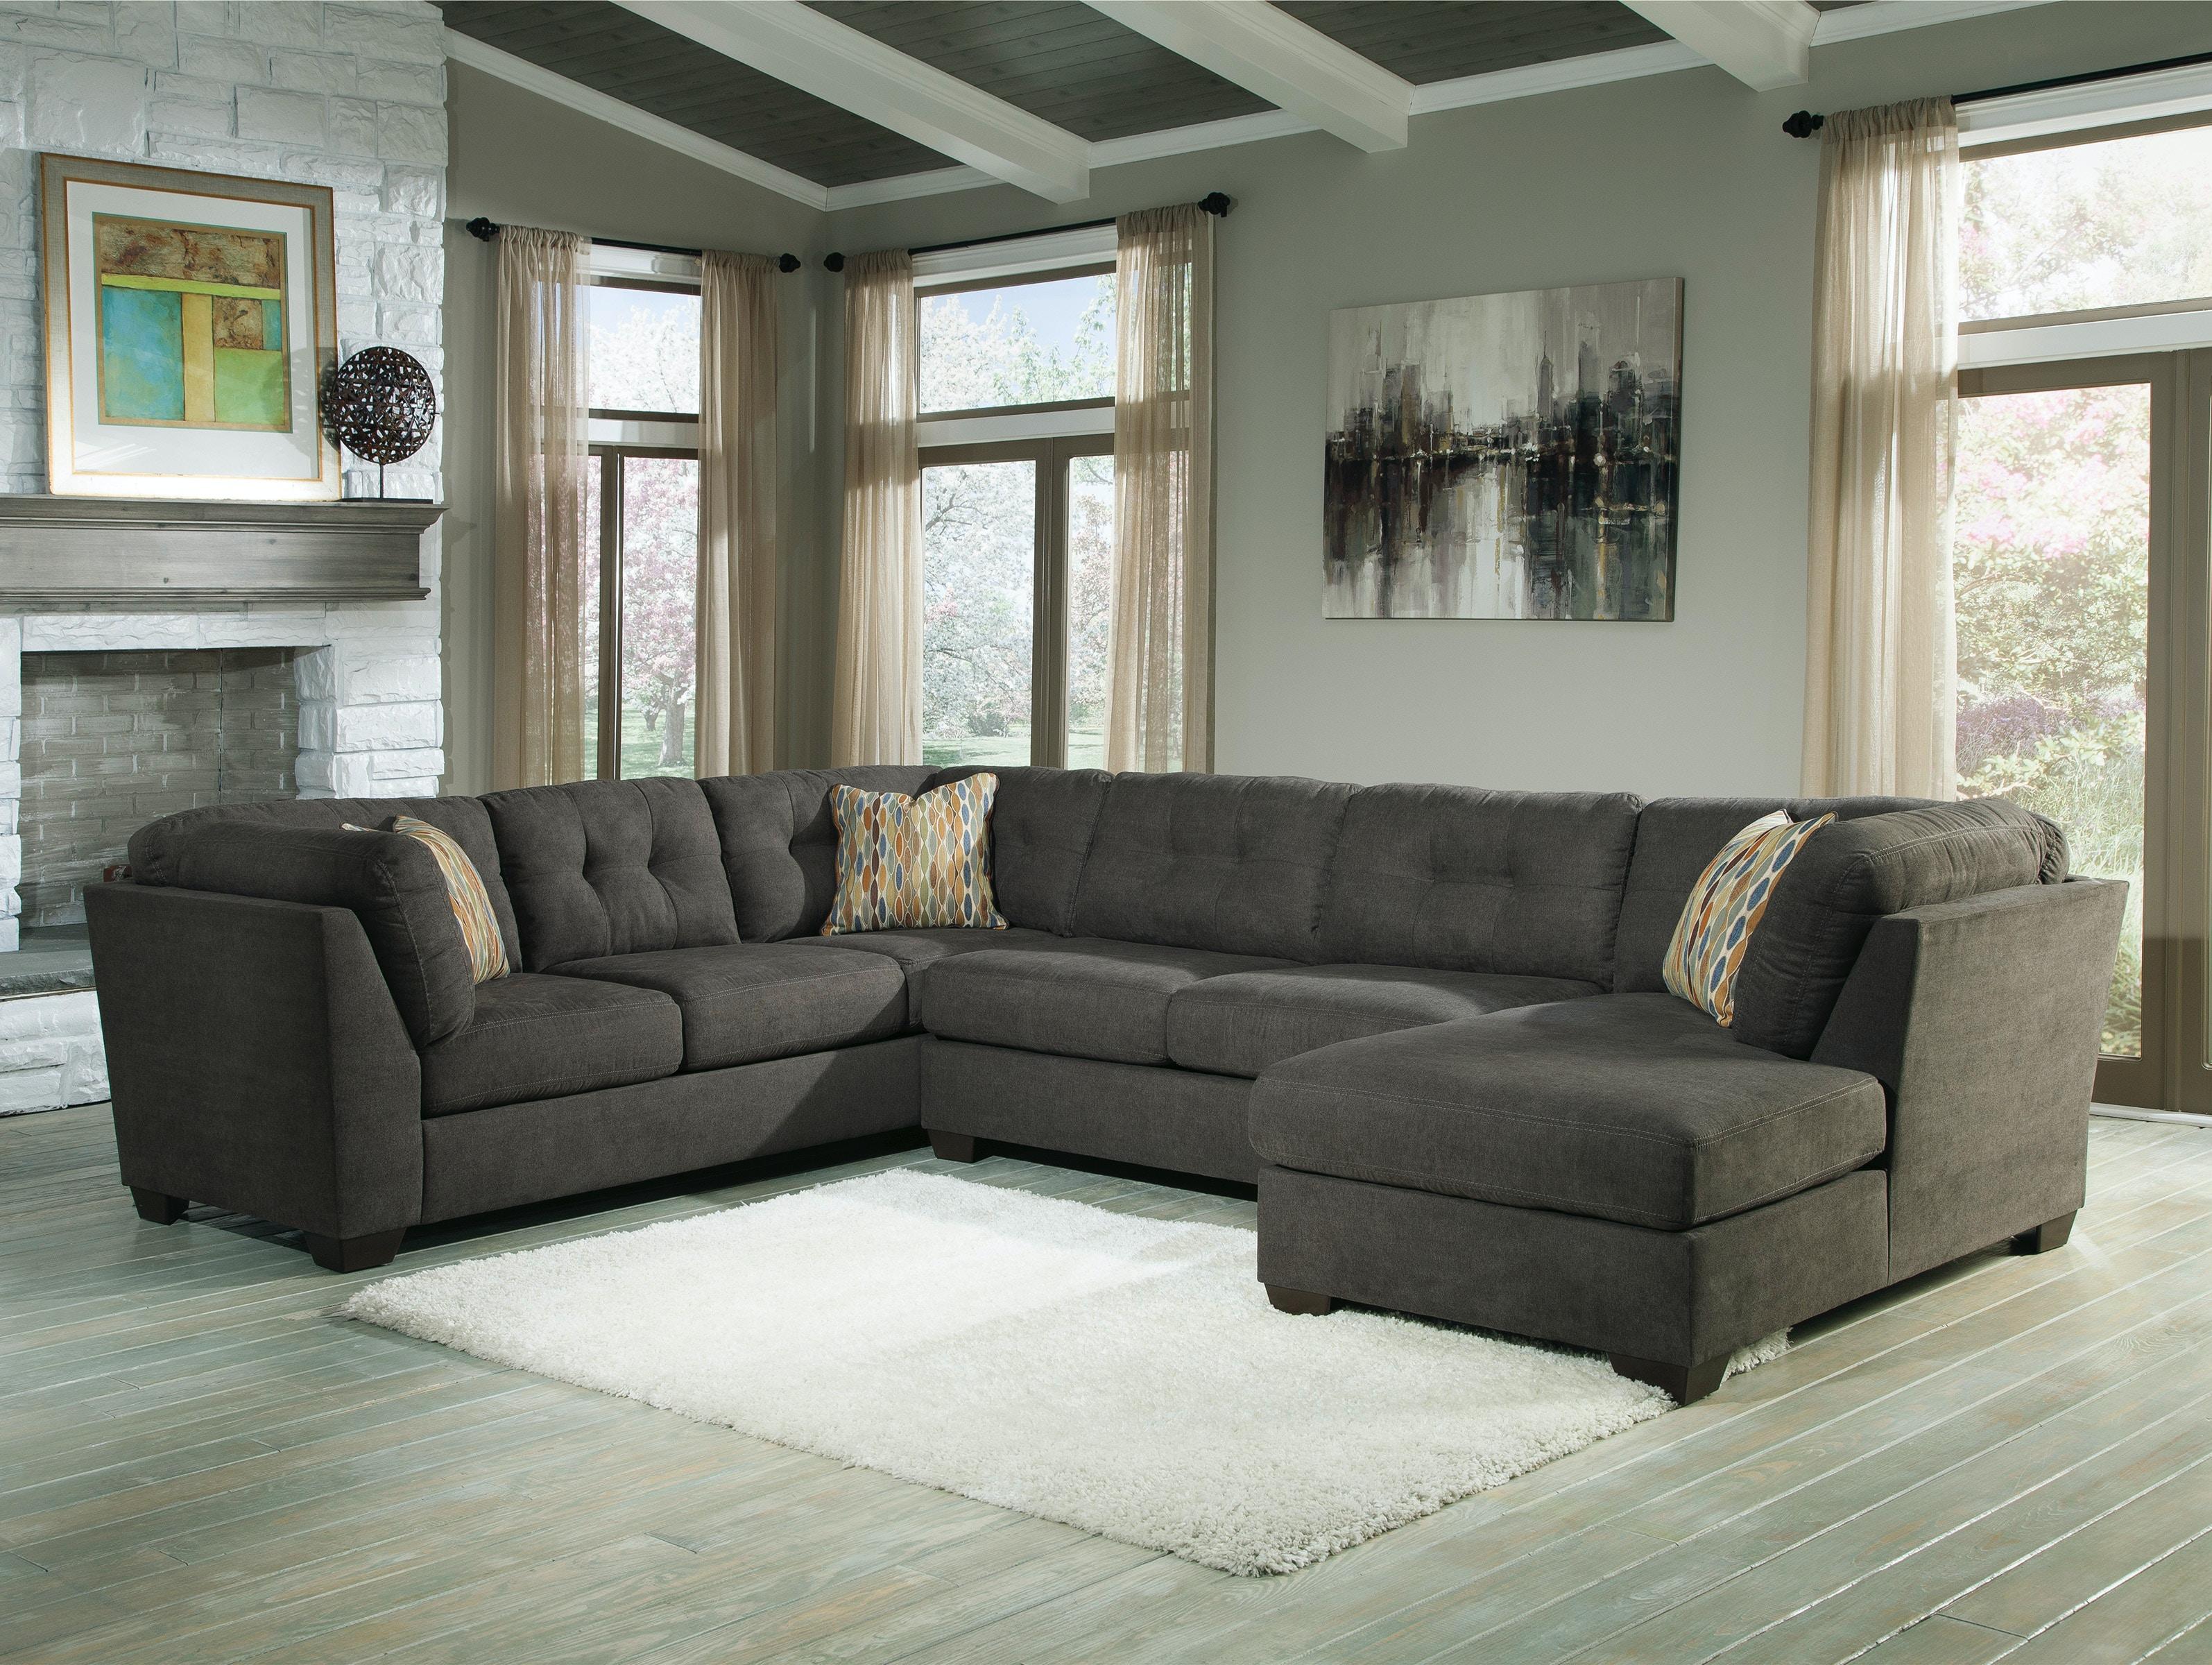 Delightful Hunteru0027s Furniture